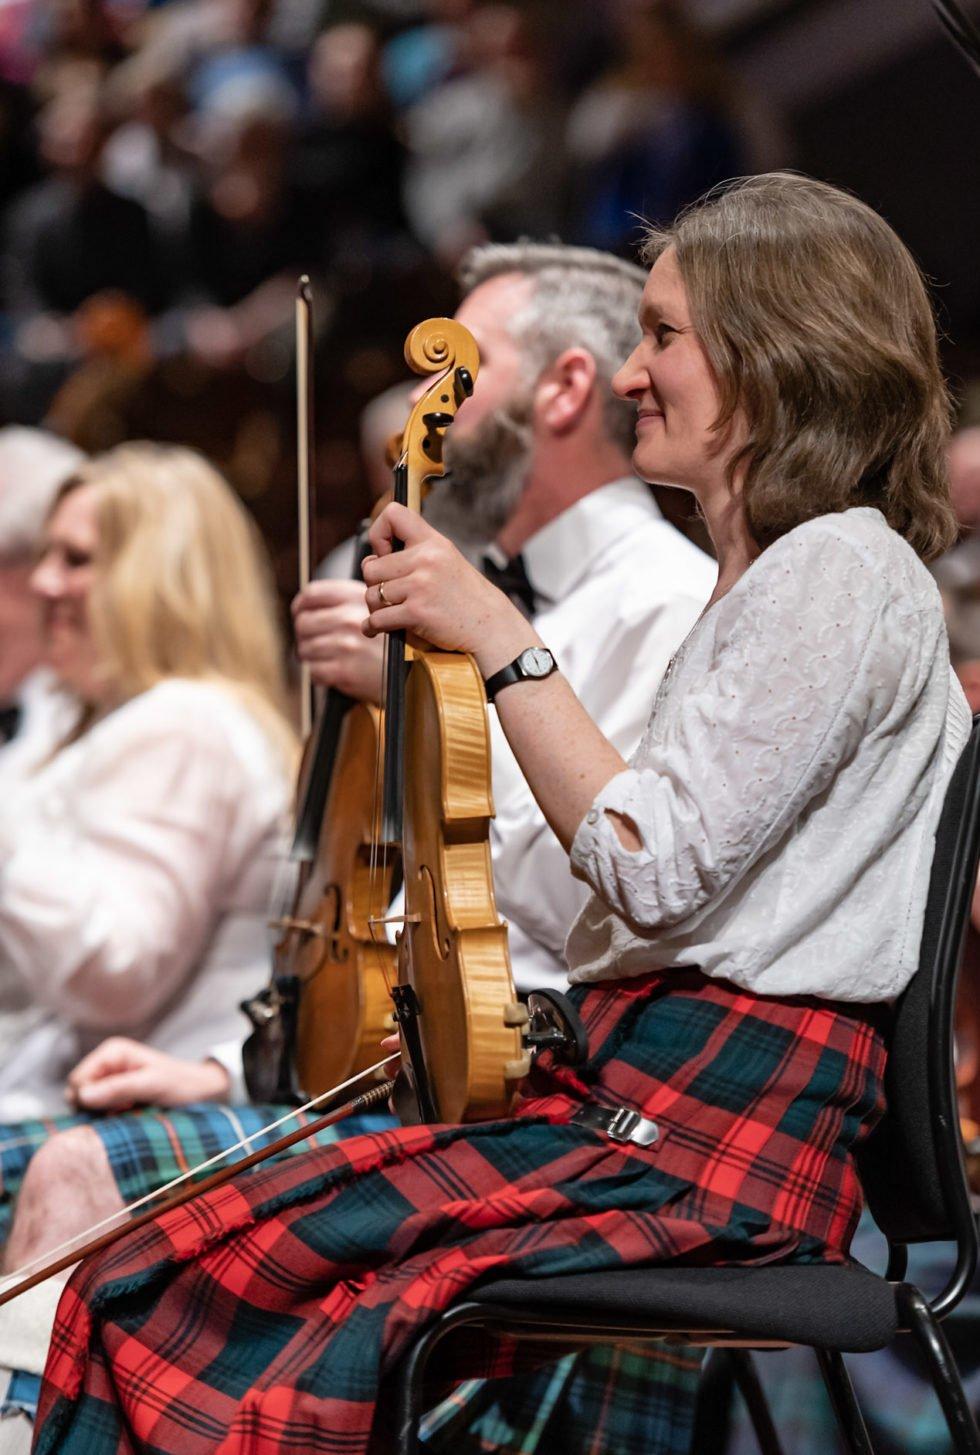 2nd Fiddles